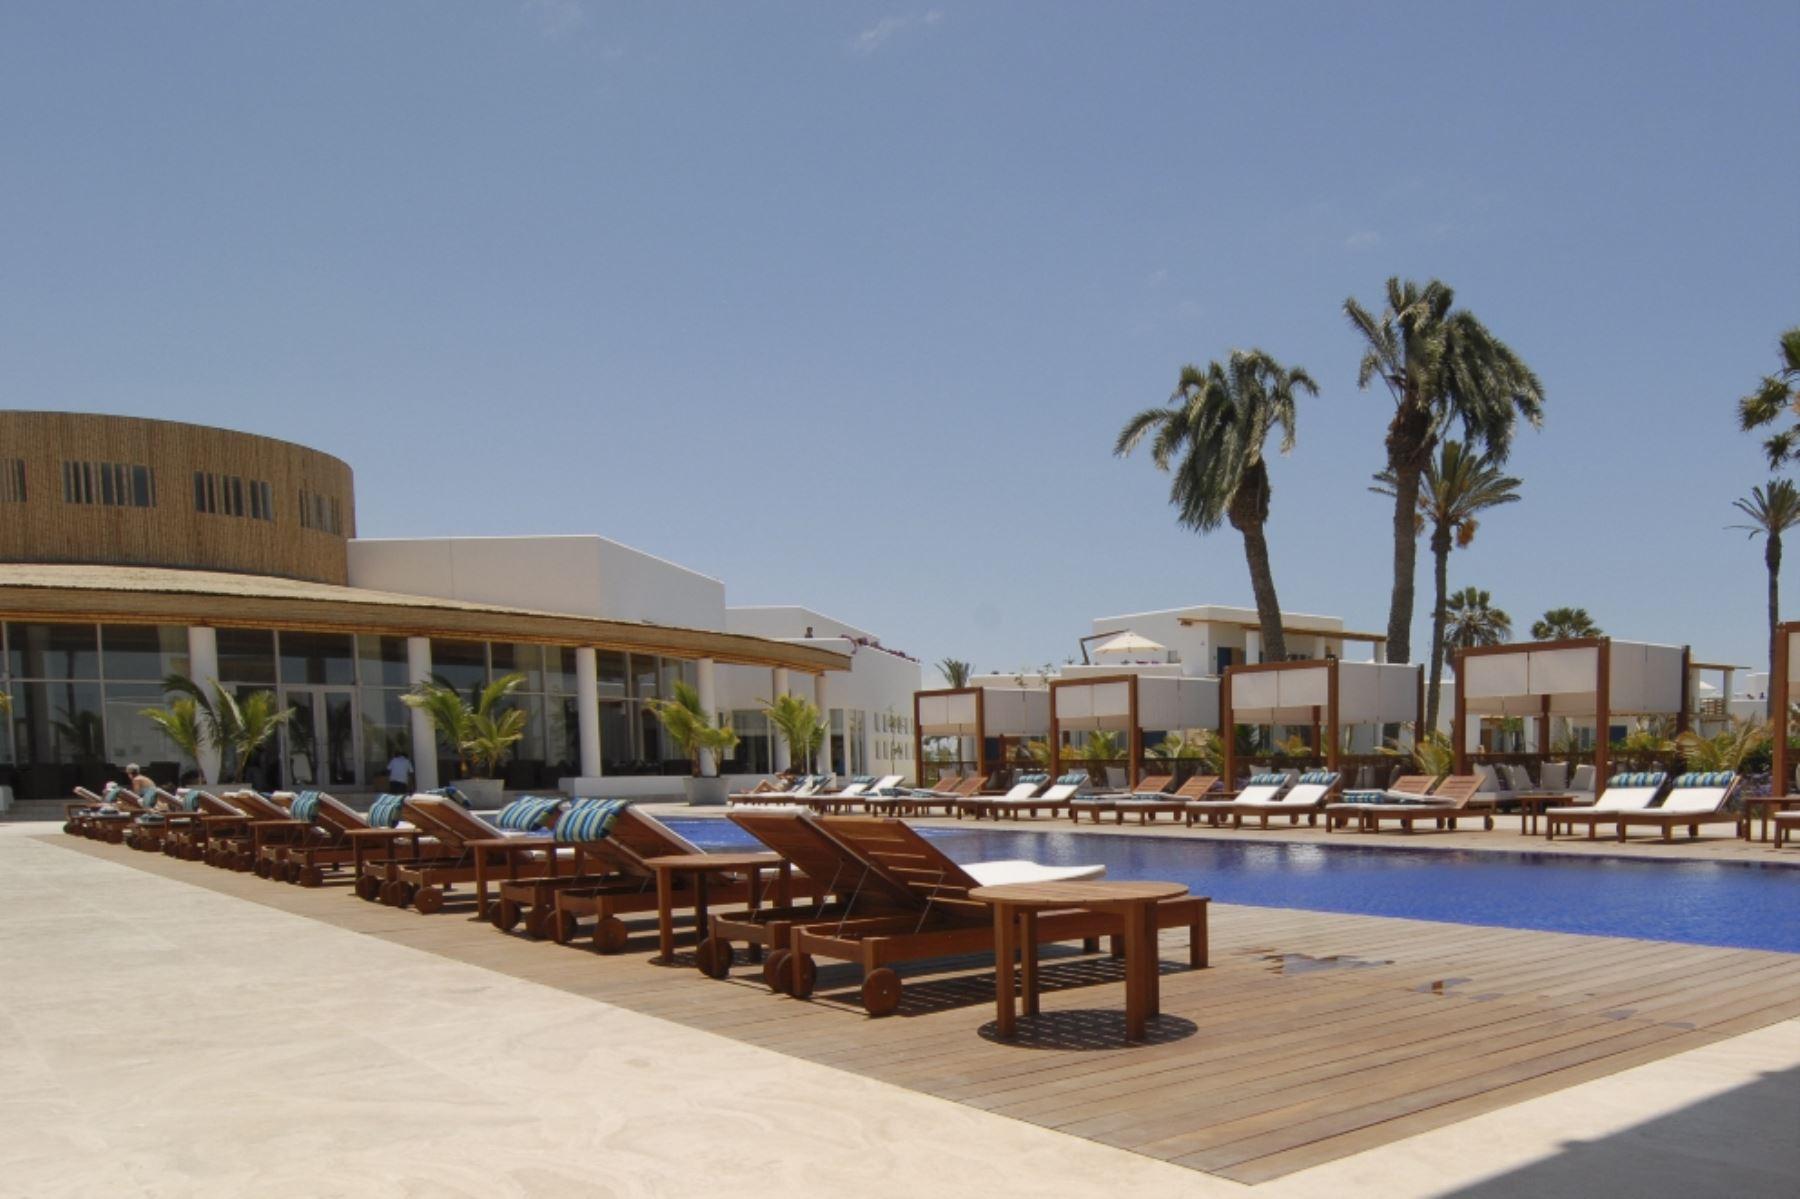 El feriado por Semana Santa permitió a los hoteles ubicados en Paracas recuperar su actividad turística. ANDINA/Archivo